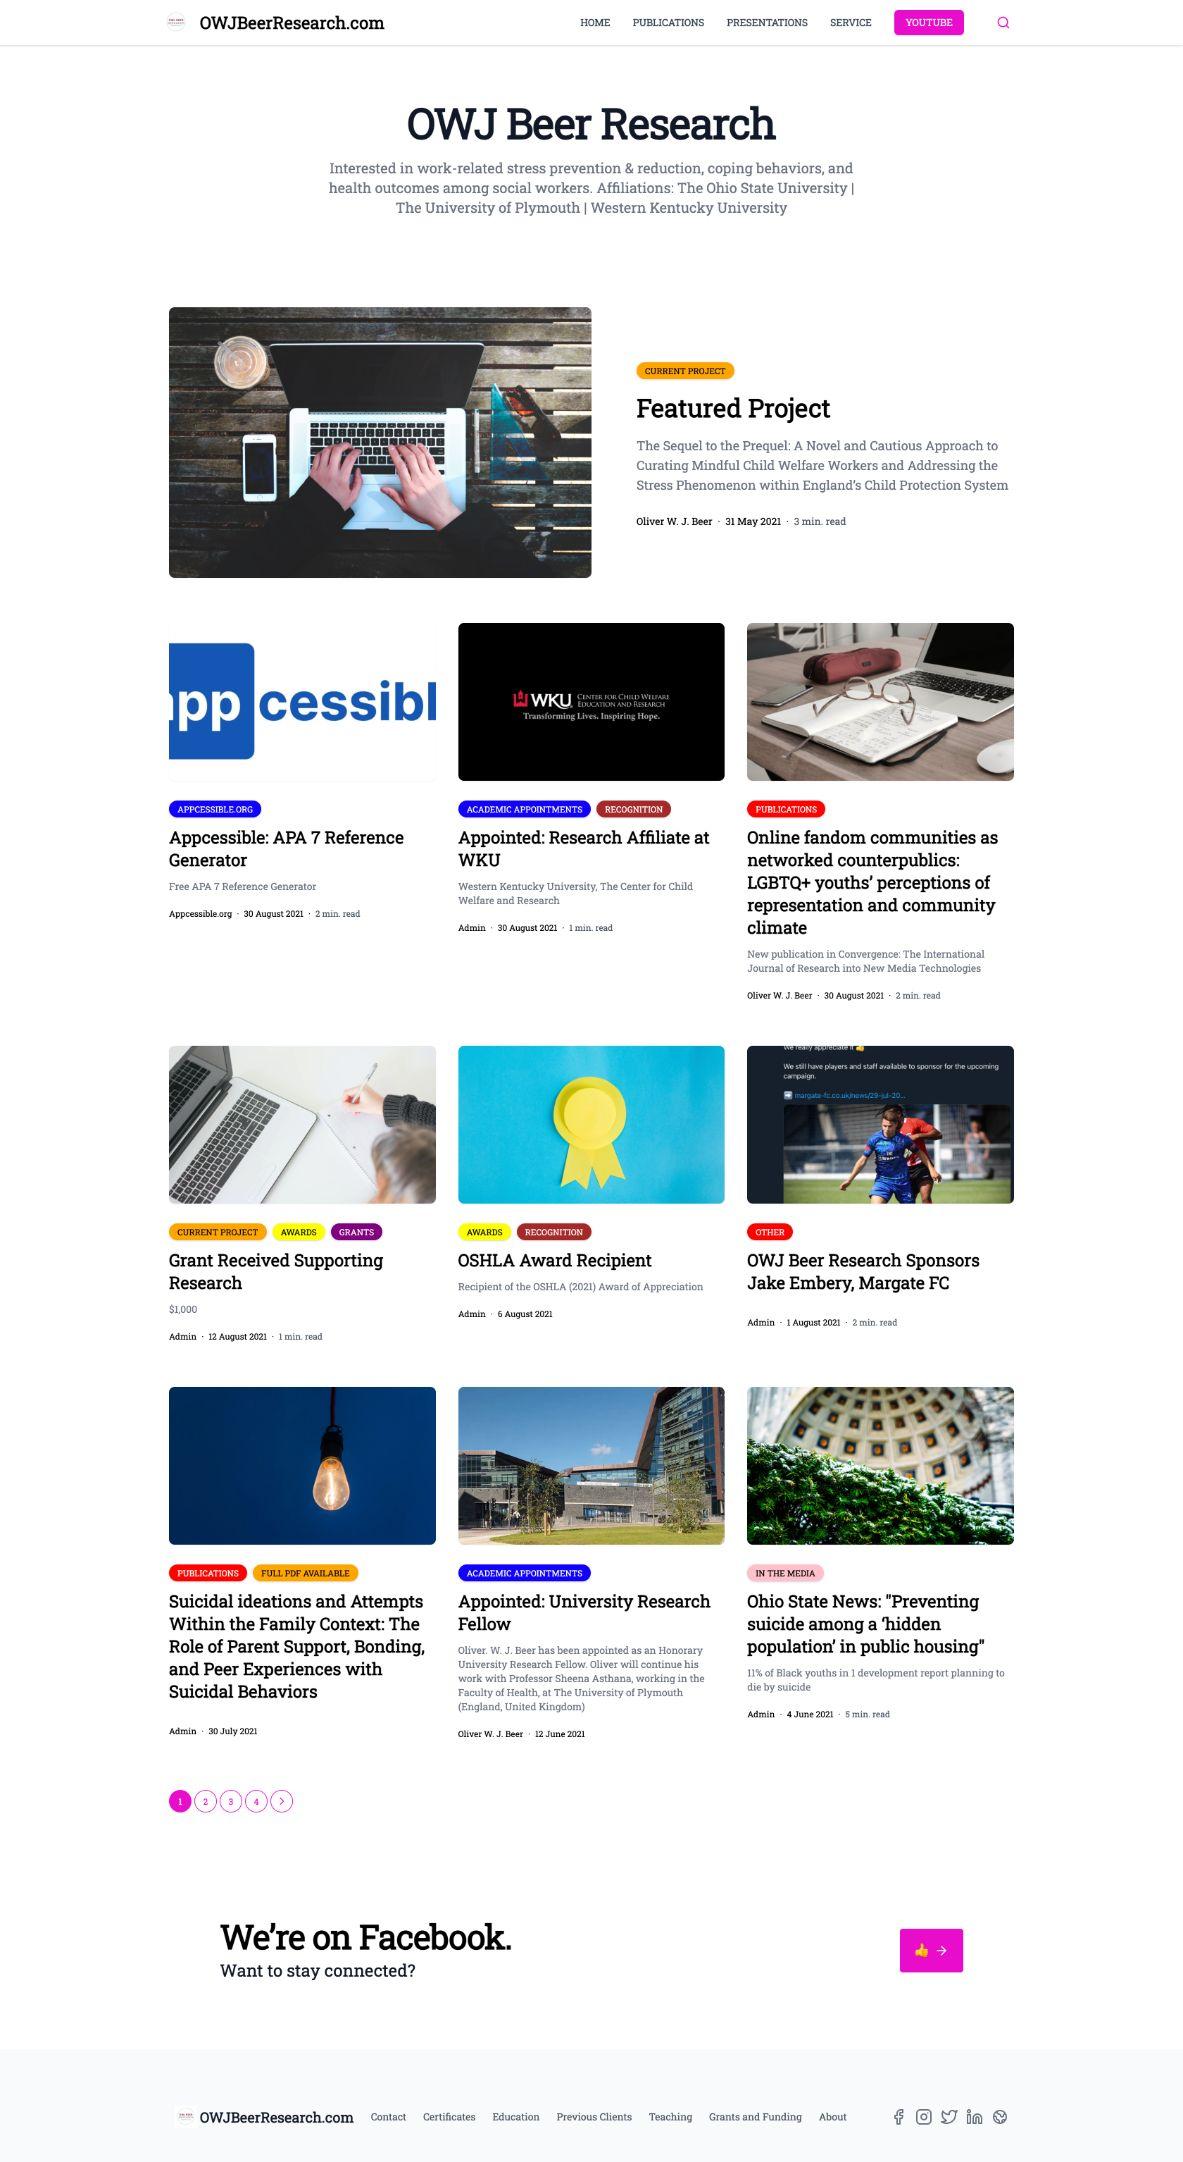 Owjbeerresearch.com